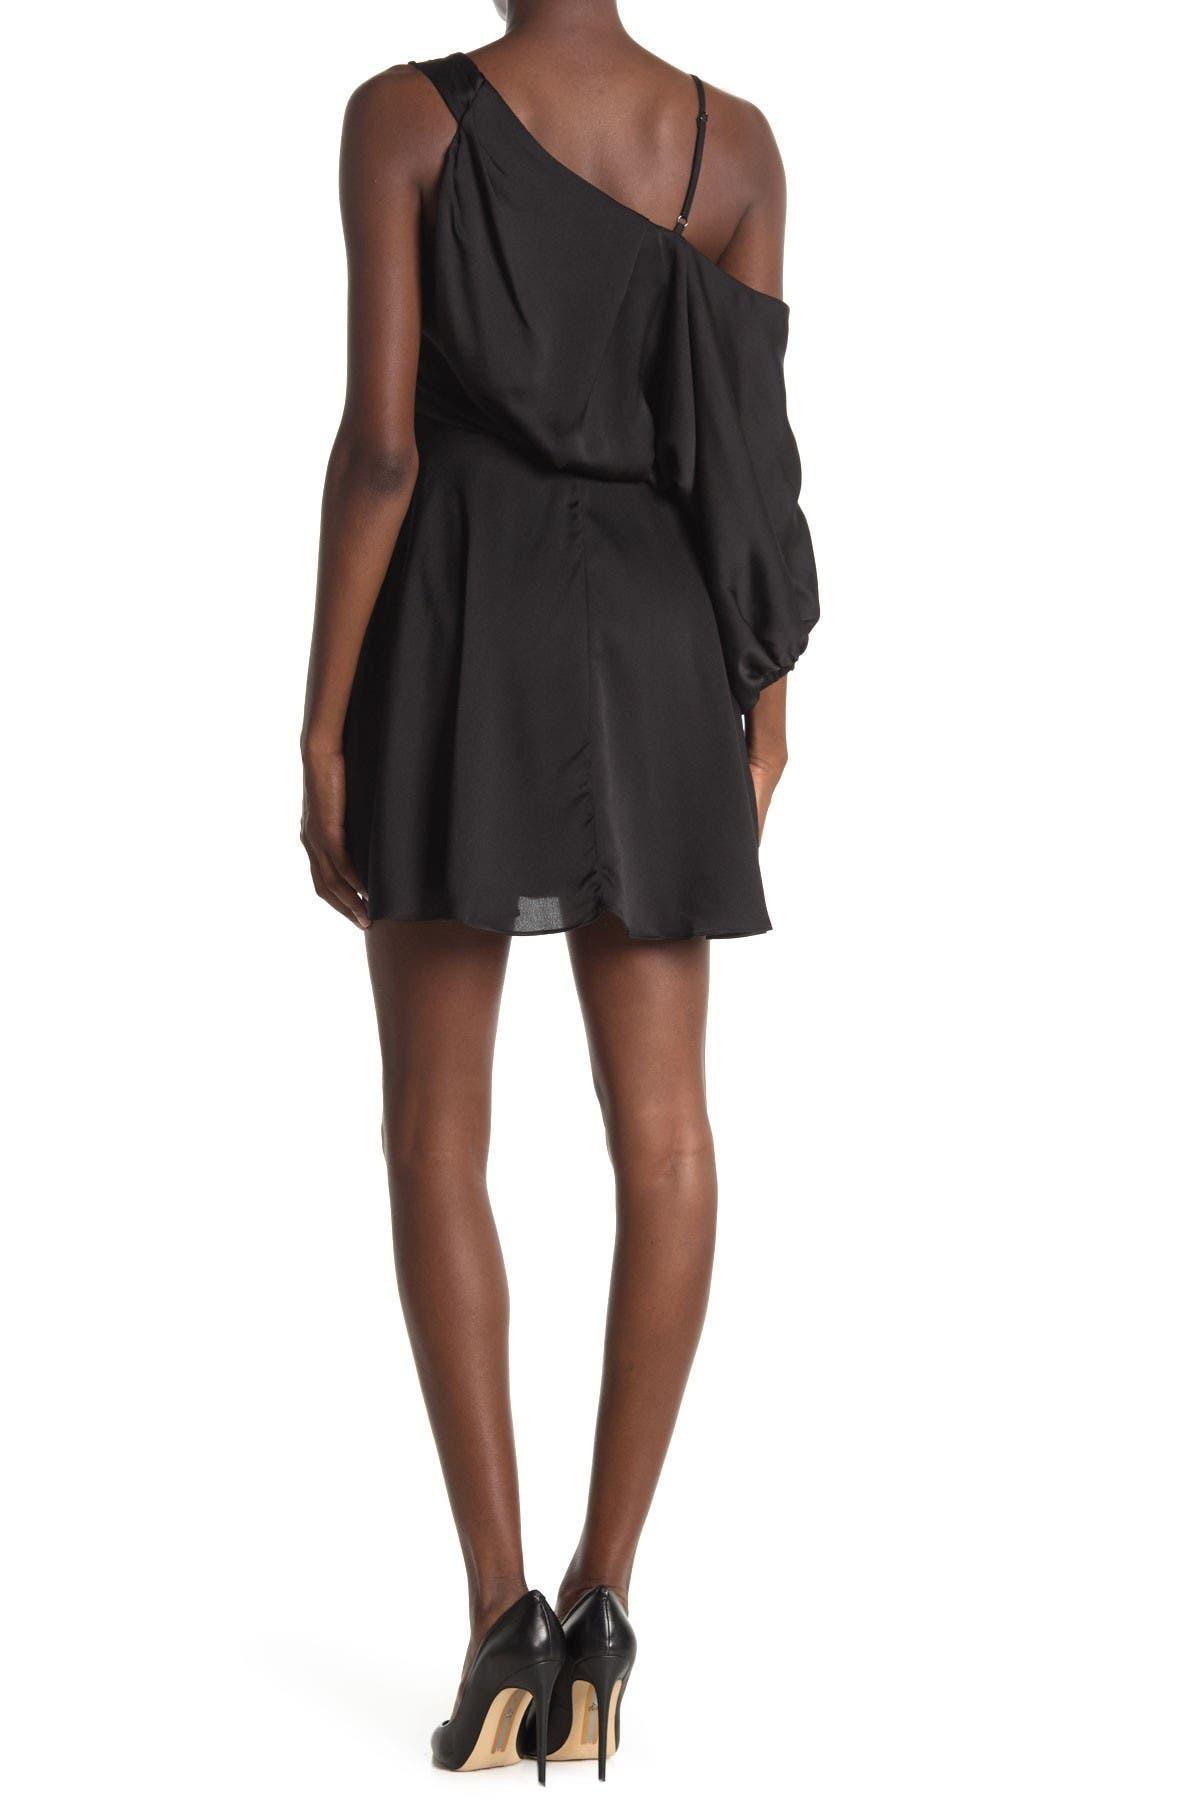 Do + Be Cold Shoulder Unbalanced Dress